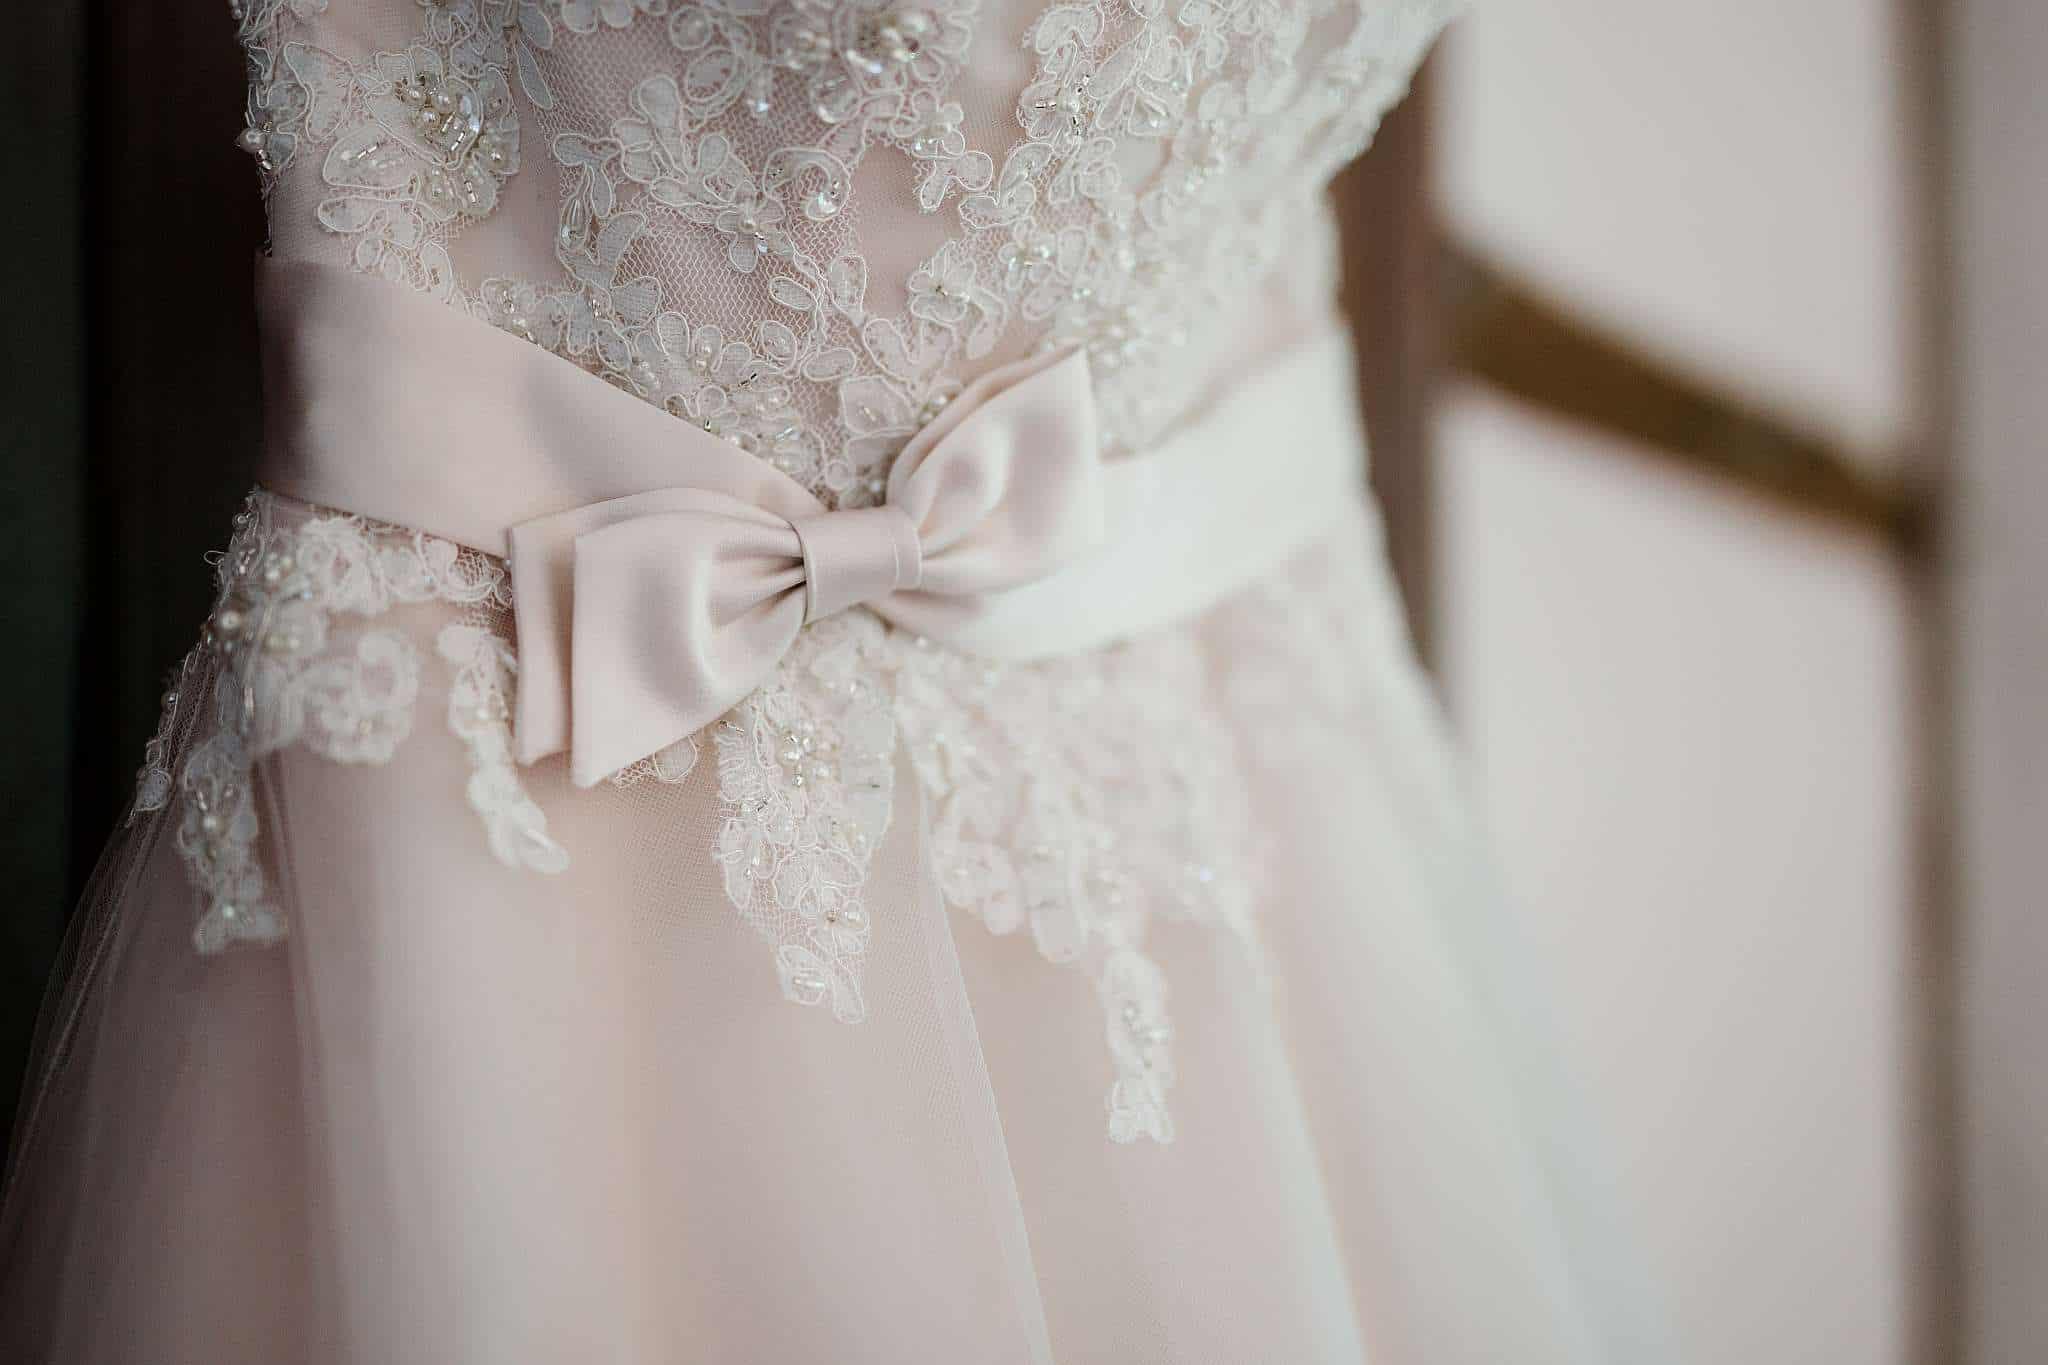 Wir lieben Details: So haben wir auch bei der Hochzeit in Kaiserslautern schöne Detailsaufnhamen vom Brautkleid gemacht